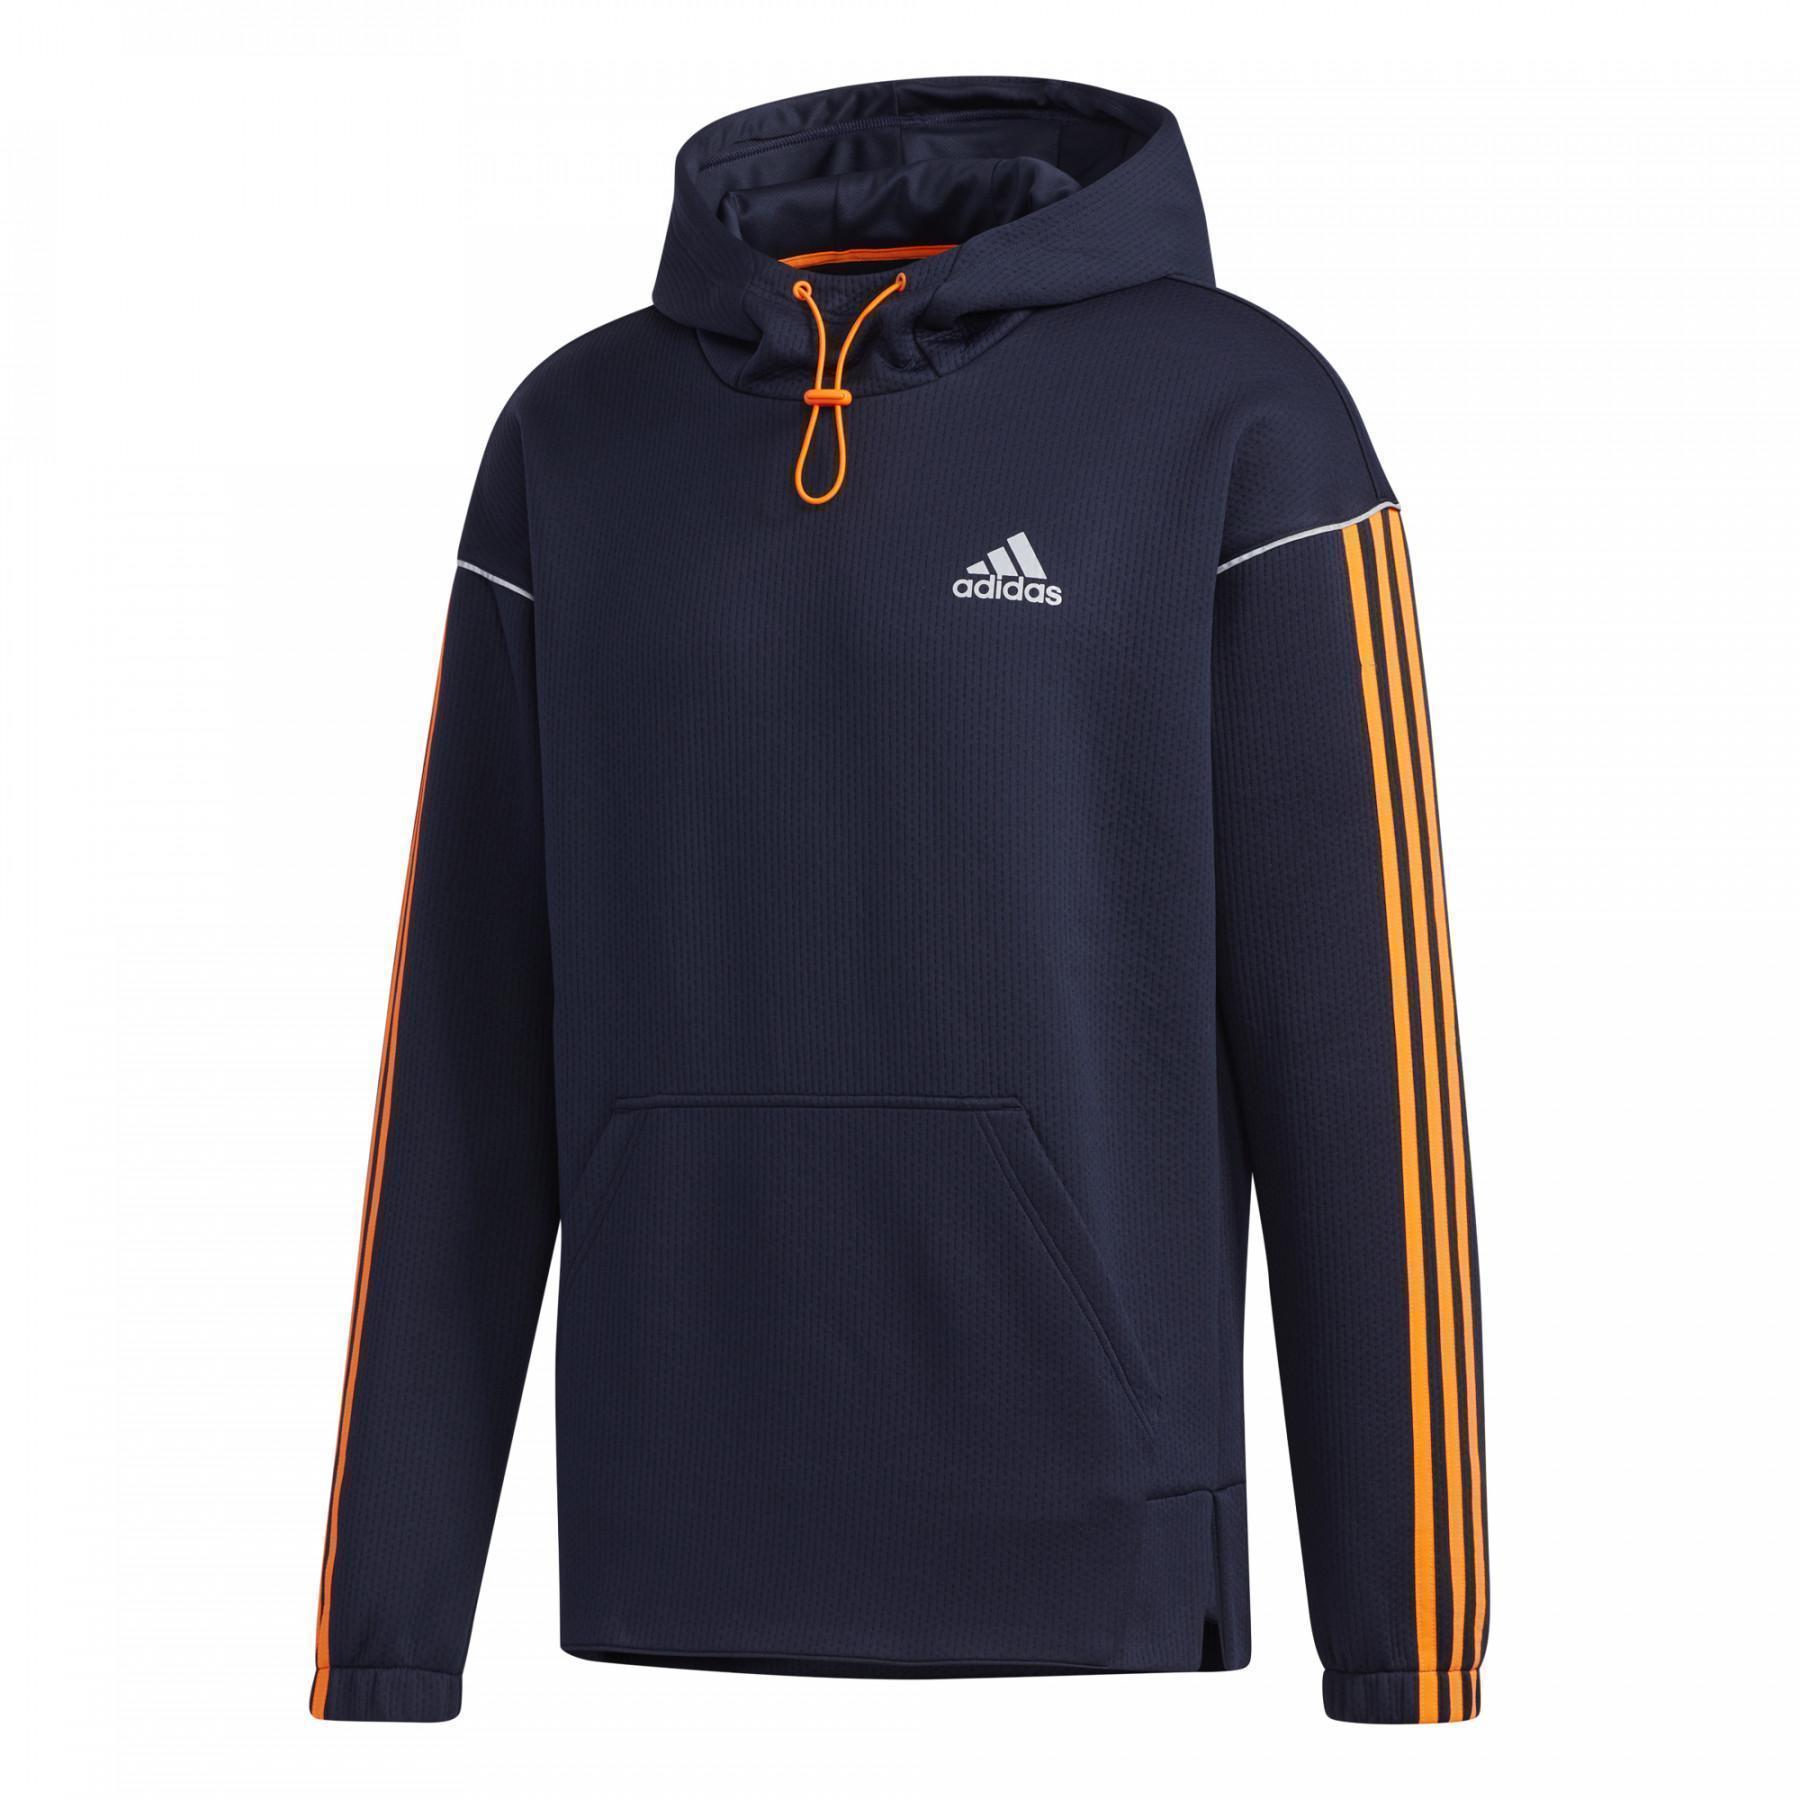 Sweatshirt adidas Intuitive Warmth Hooded